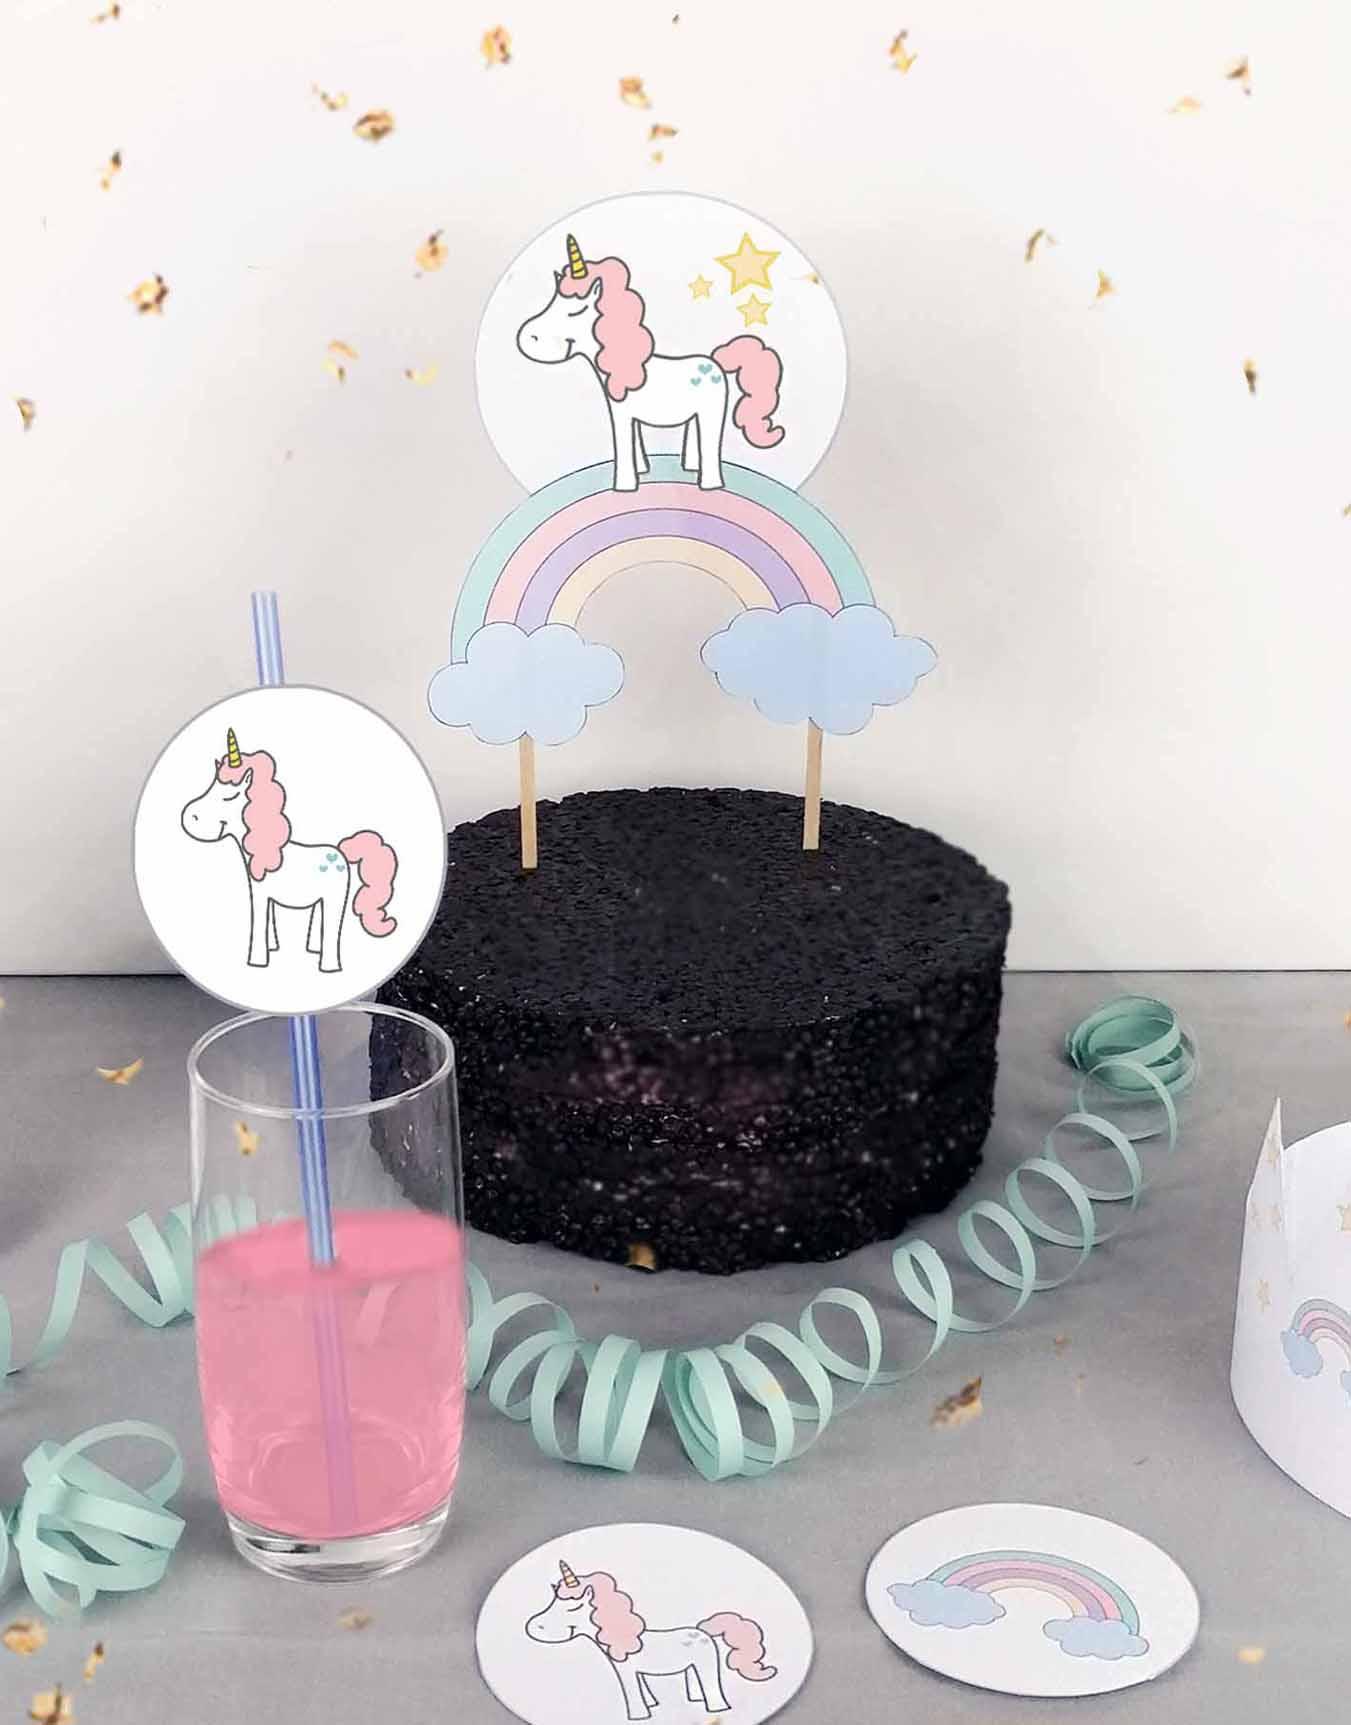 Druckvorlagen für einen selbst gebastelten Motto Cake Topper mit Einhorn